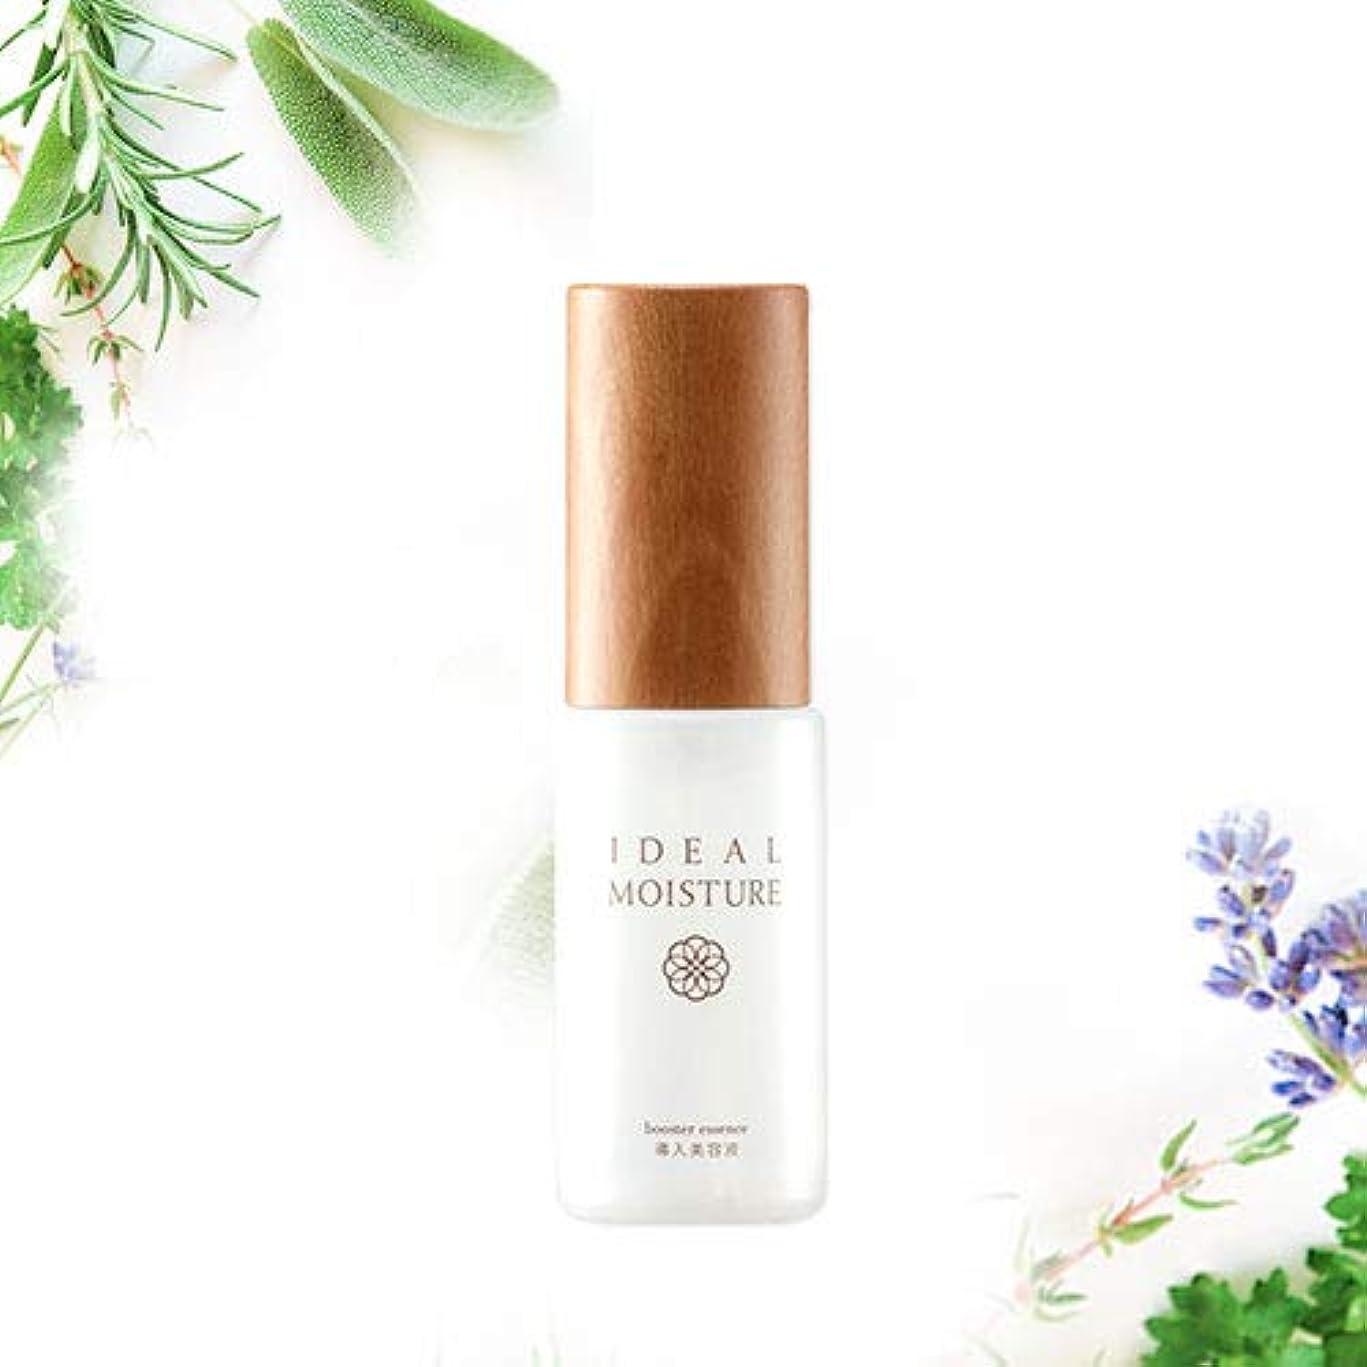 コンテンポラリー香水保守的IDEAL MOISTURE(イデアルモイスチャー) 導入美容液